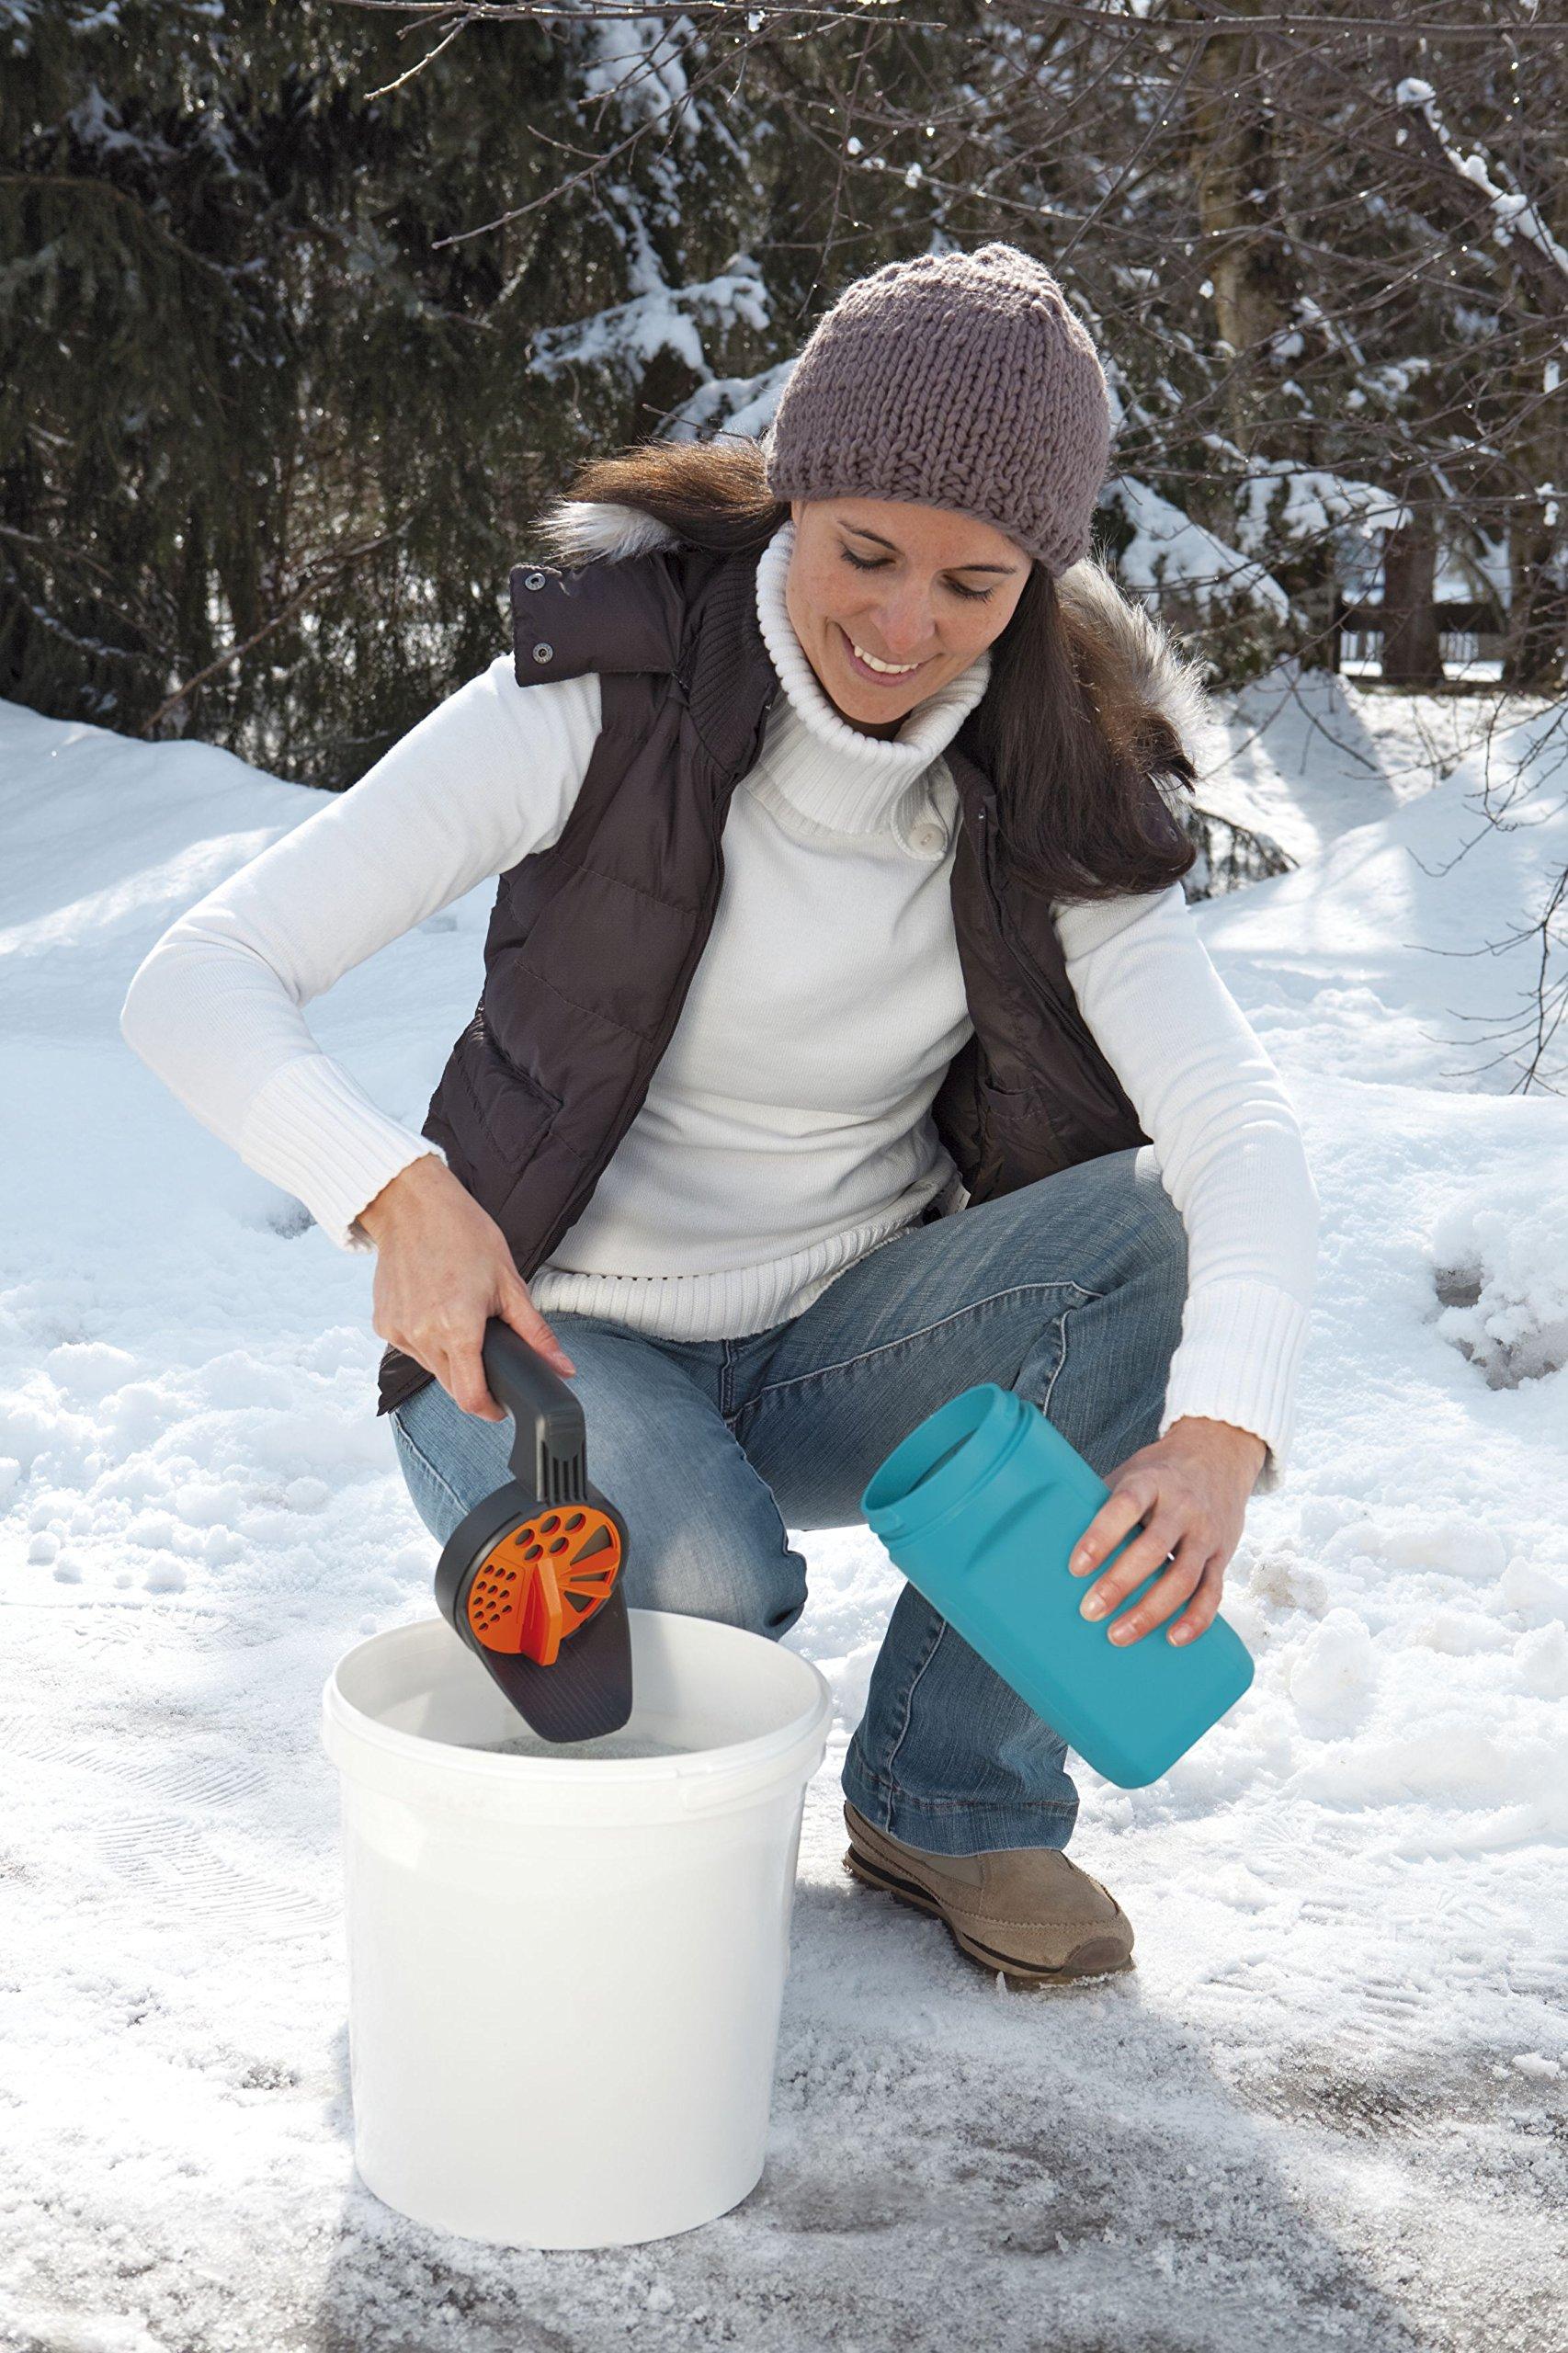 Gardena Kleinstreuer S Aktion: Streugutbehälter und Handstreuer geeignet für Sand, Salz und Splitt, zum Streuen im Winter, einzigartiges Dosiersystem, auch für Dünger und Saatgut verwendbar (3255-30)